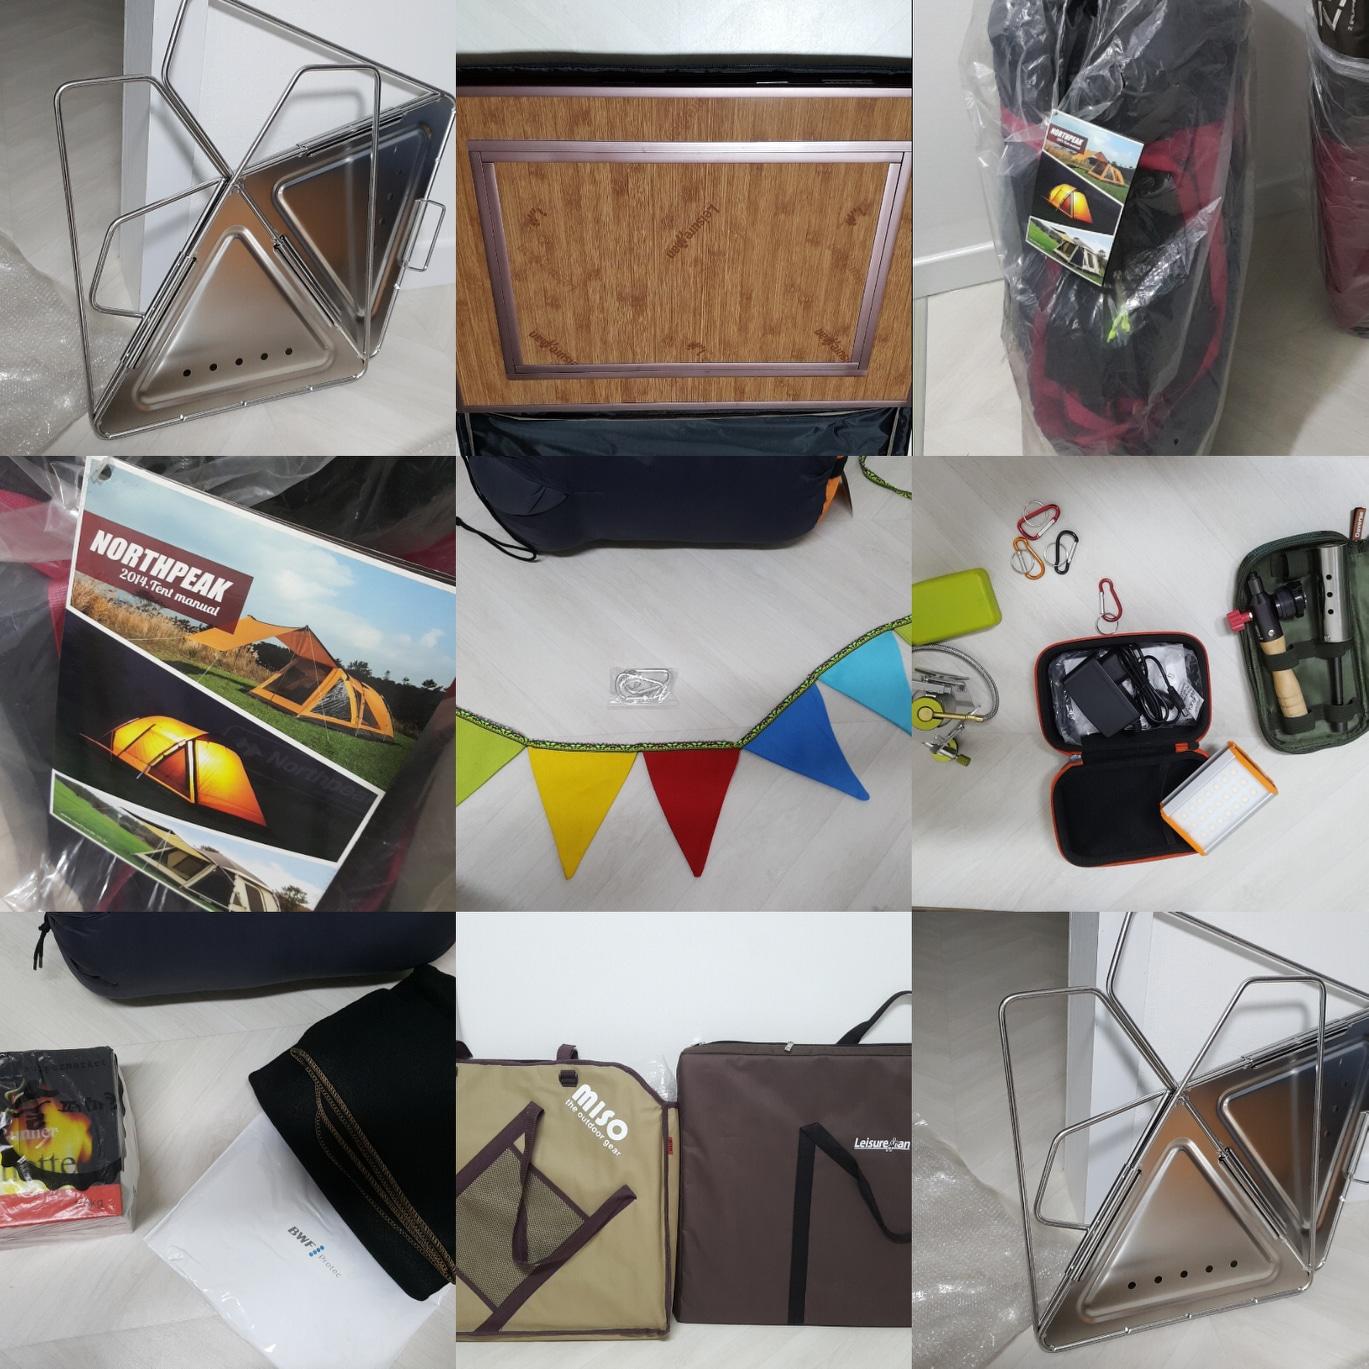 캠핑장비 텐트, 화로대, 테이블 등등ㅡ 새제품 일괄판매캠핑장비